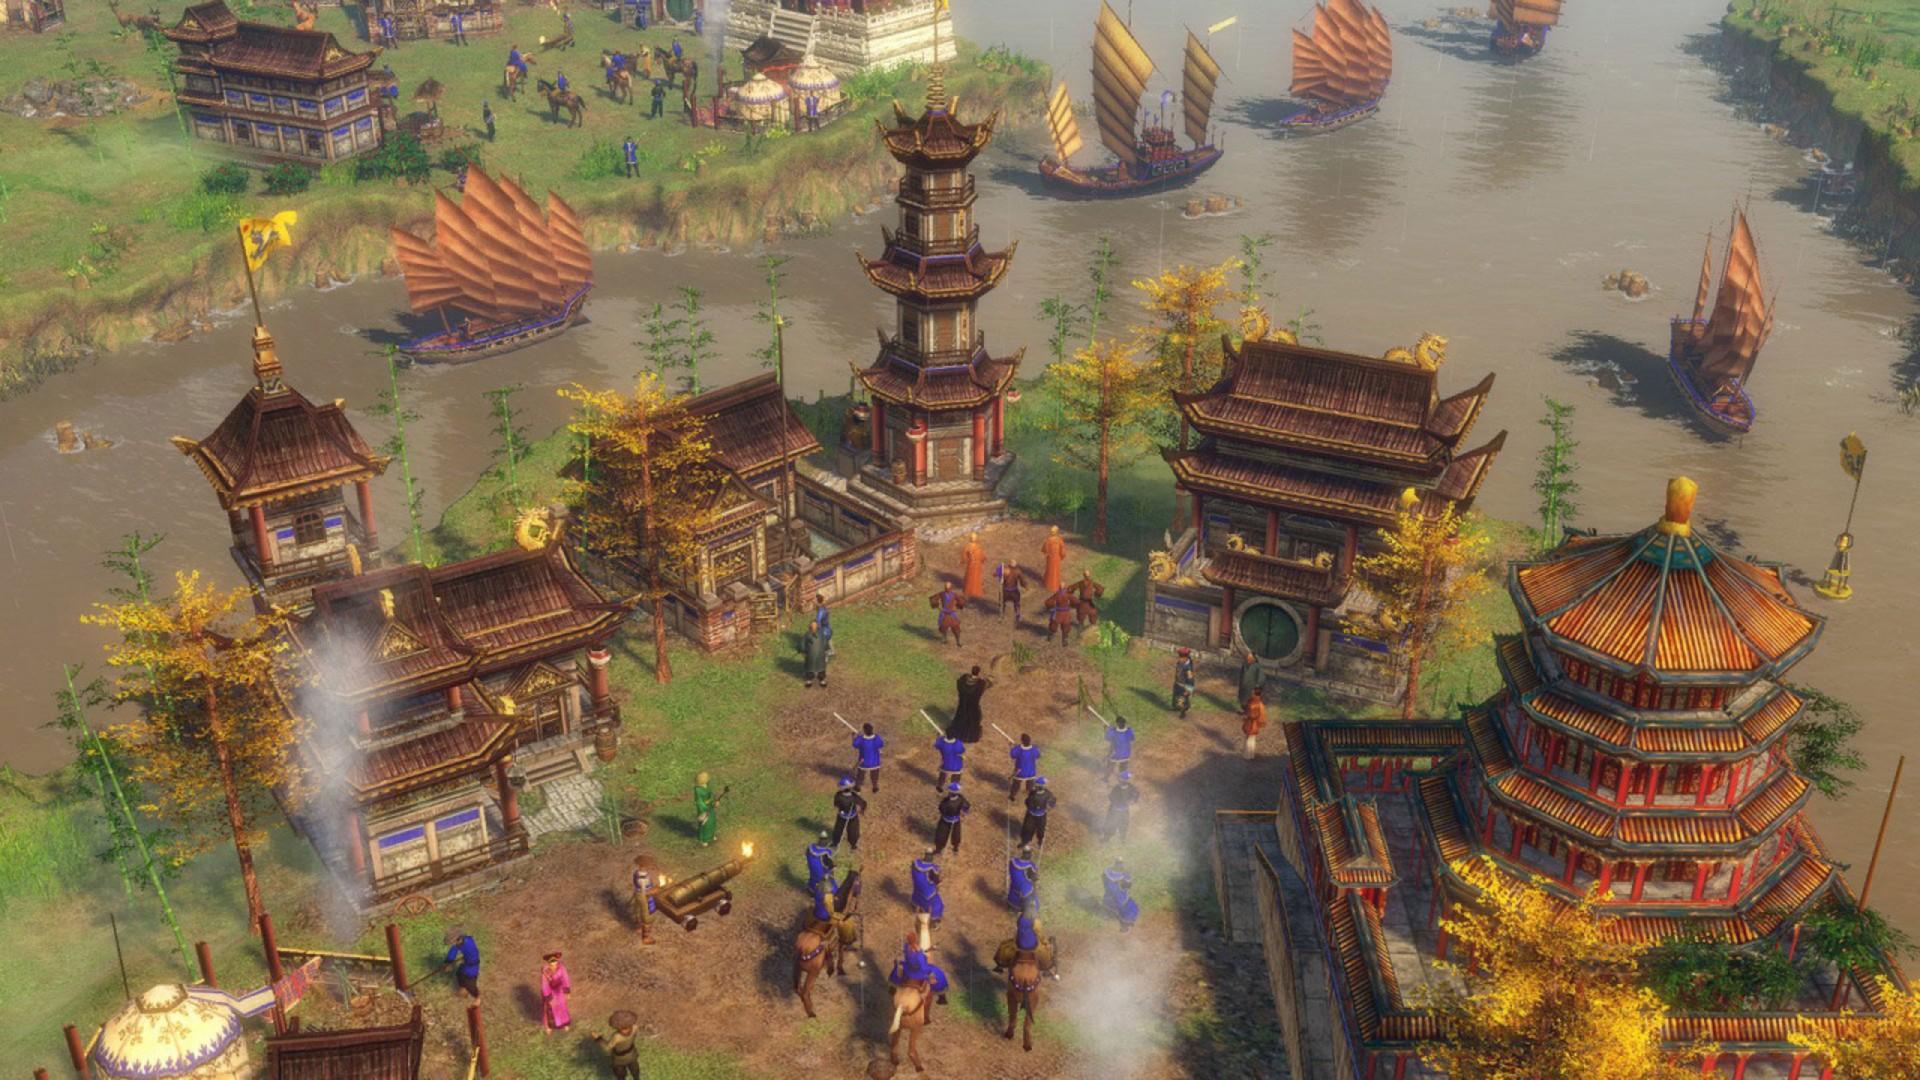 Age of Empires III avait été bien reçu en 2005 et cette nouvelle édition promet d'en mettre plein la vue avec ses graphiques en 4K